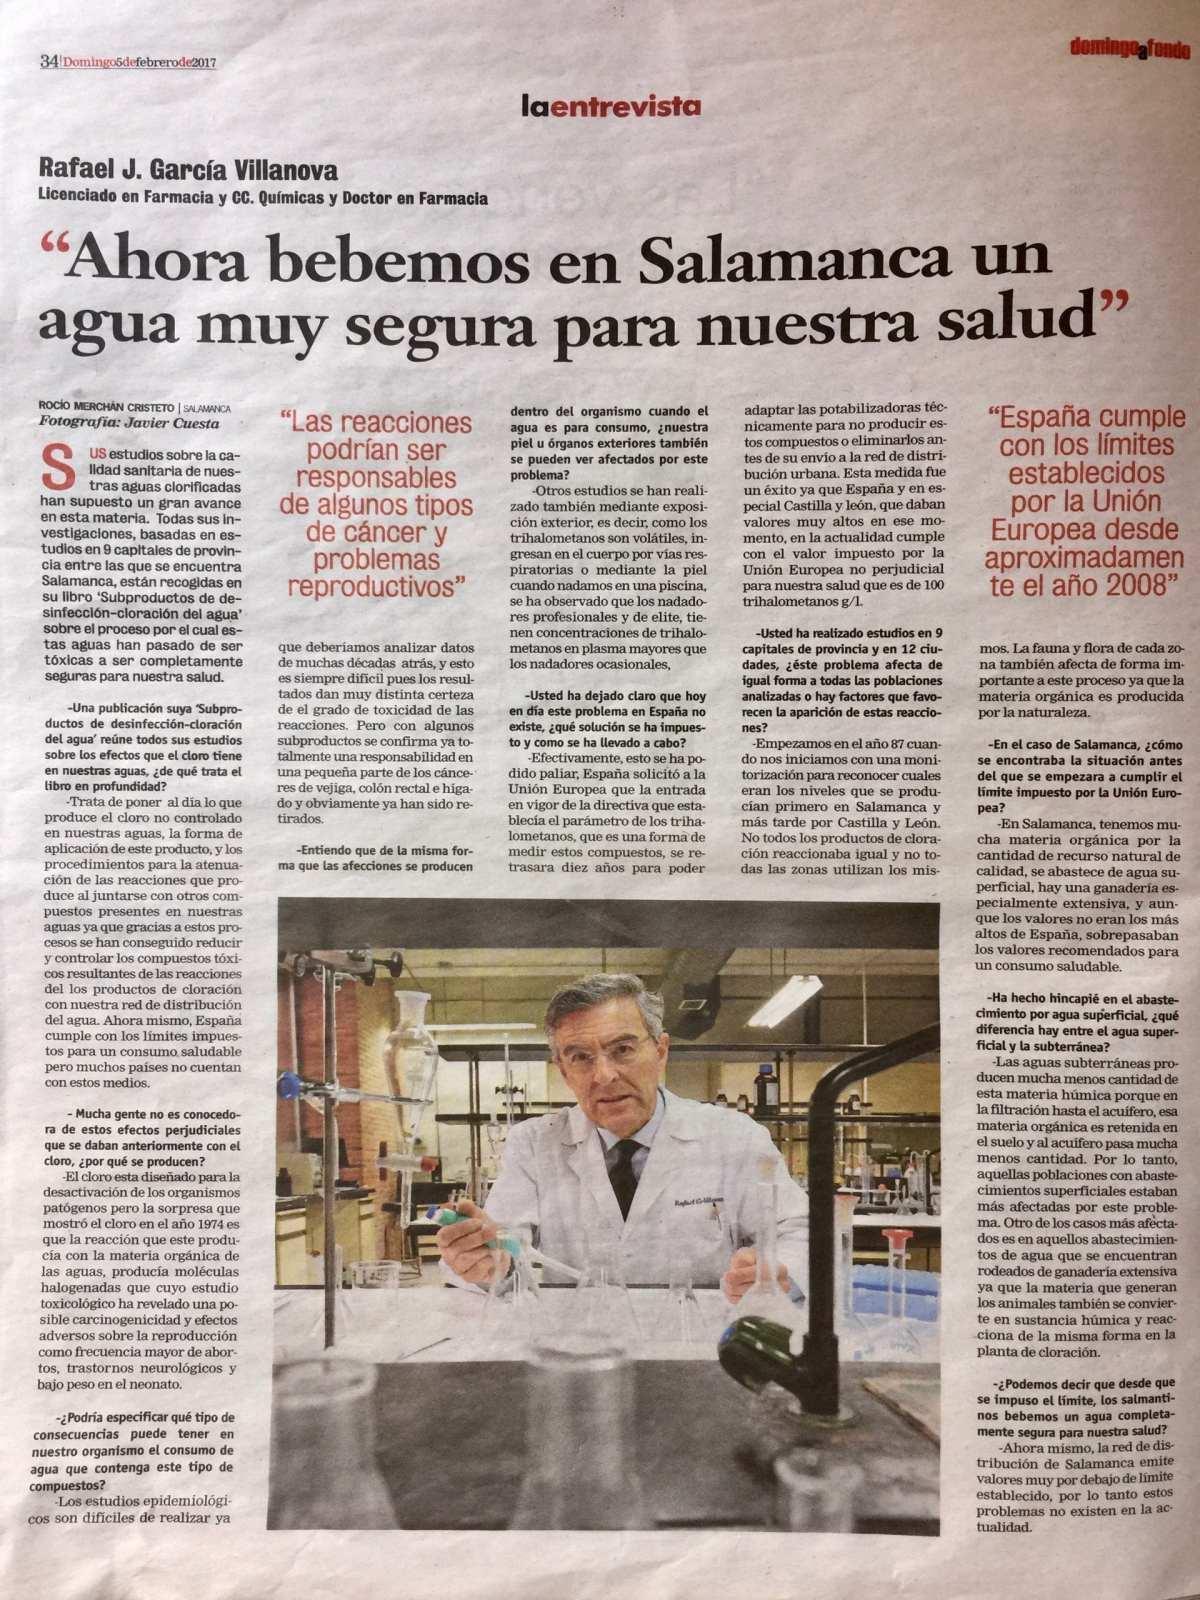 2017 - Editorial Amarante - Subproductos de desinfección - Cloración del agua - Rafael J. García-Villanova